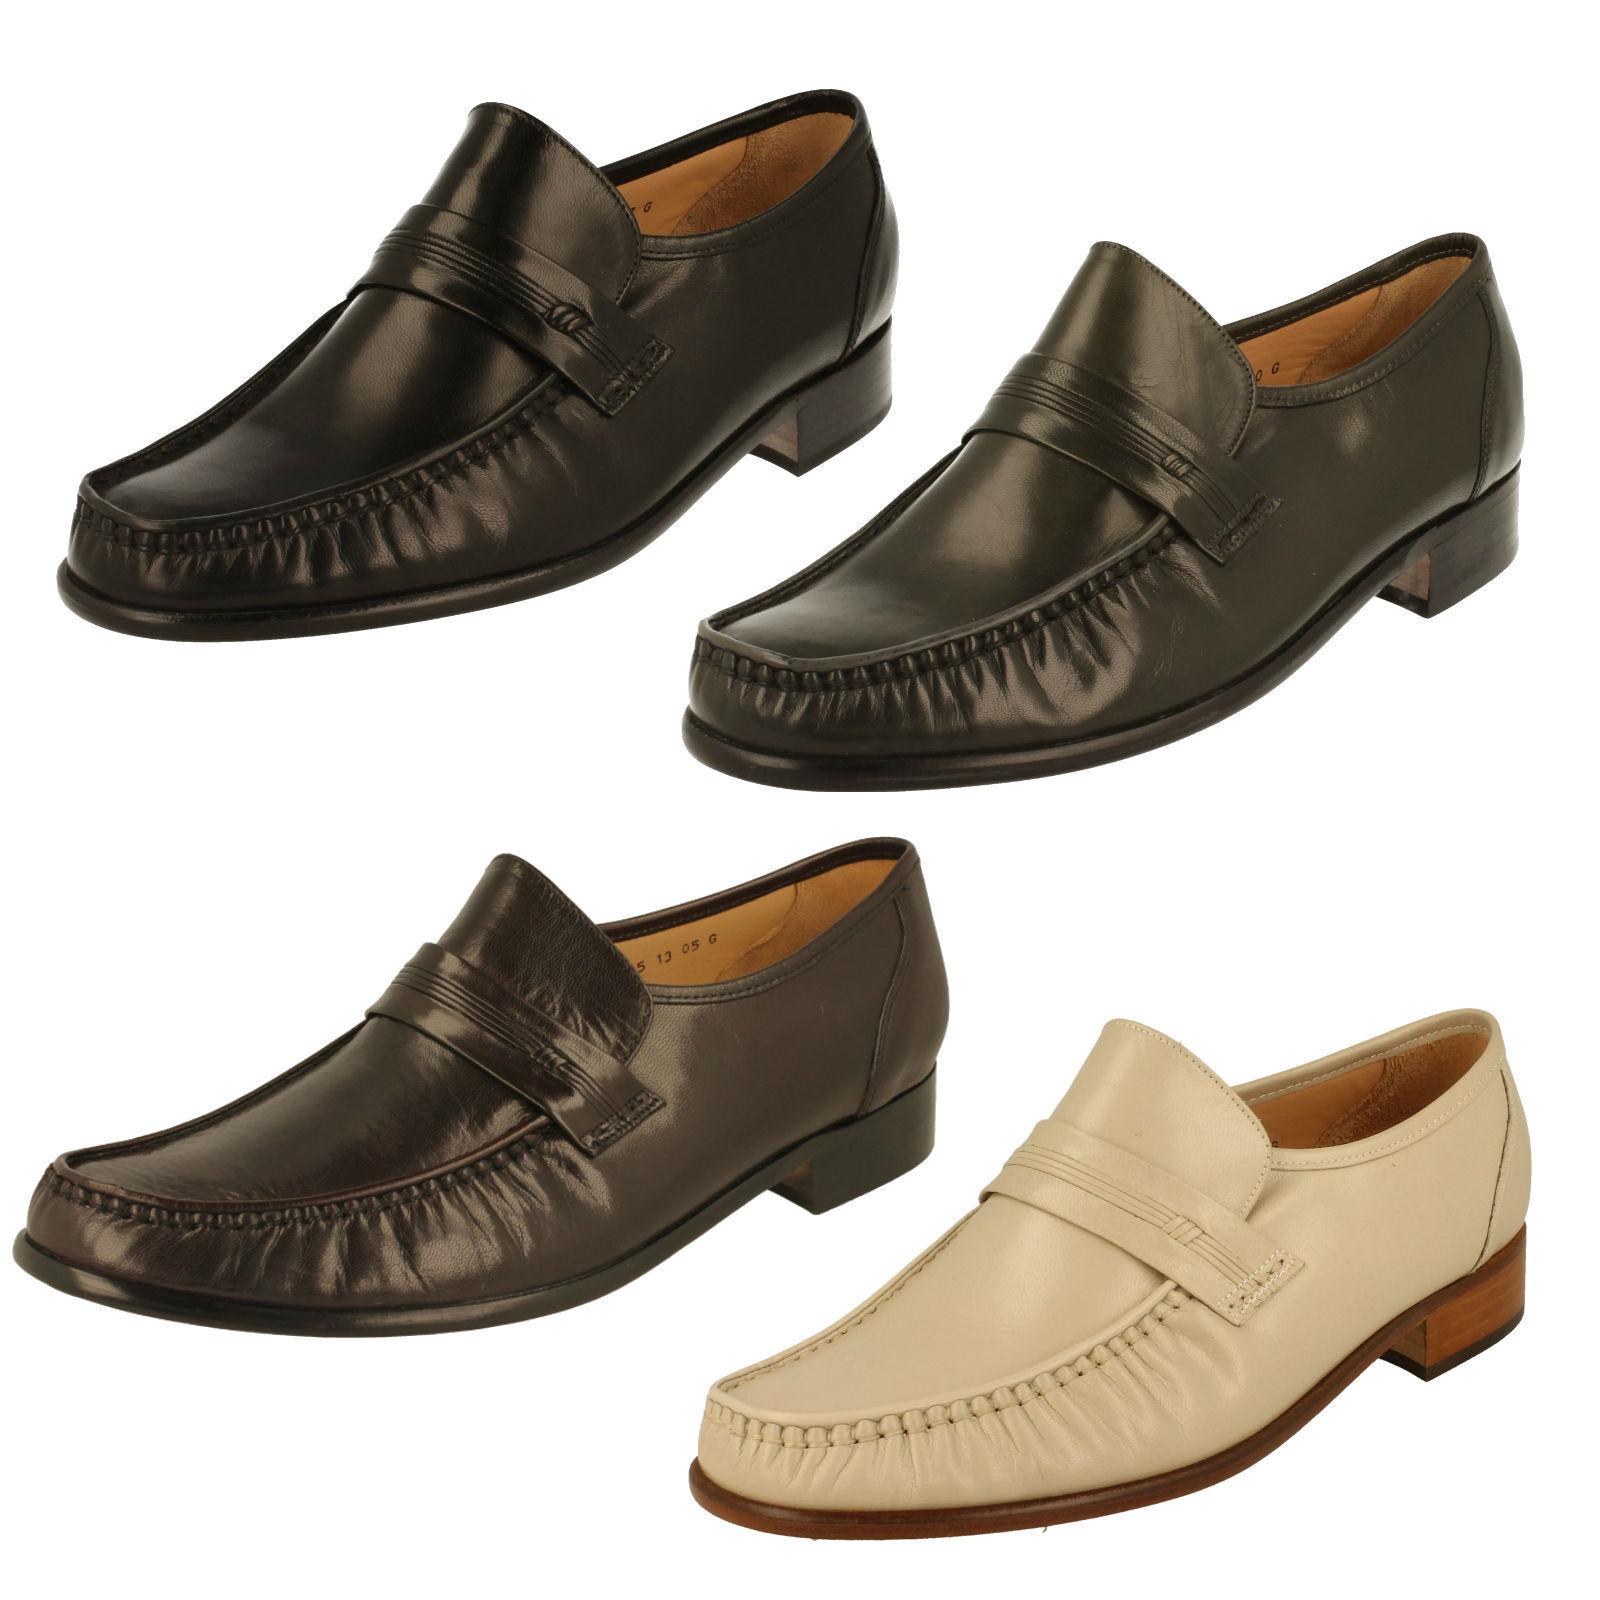 Hombre Formal Grenson Formal Hombre Zapatos Mocasín - Clapham 0c3b76